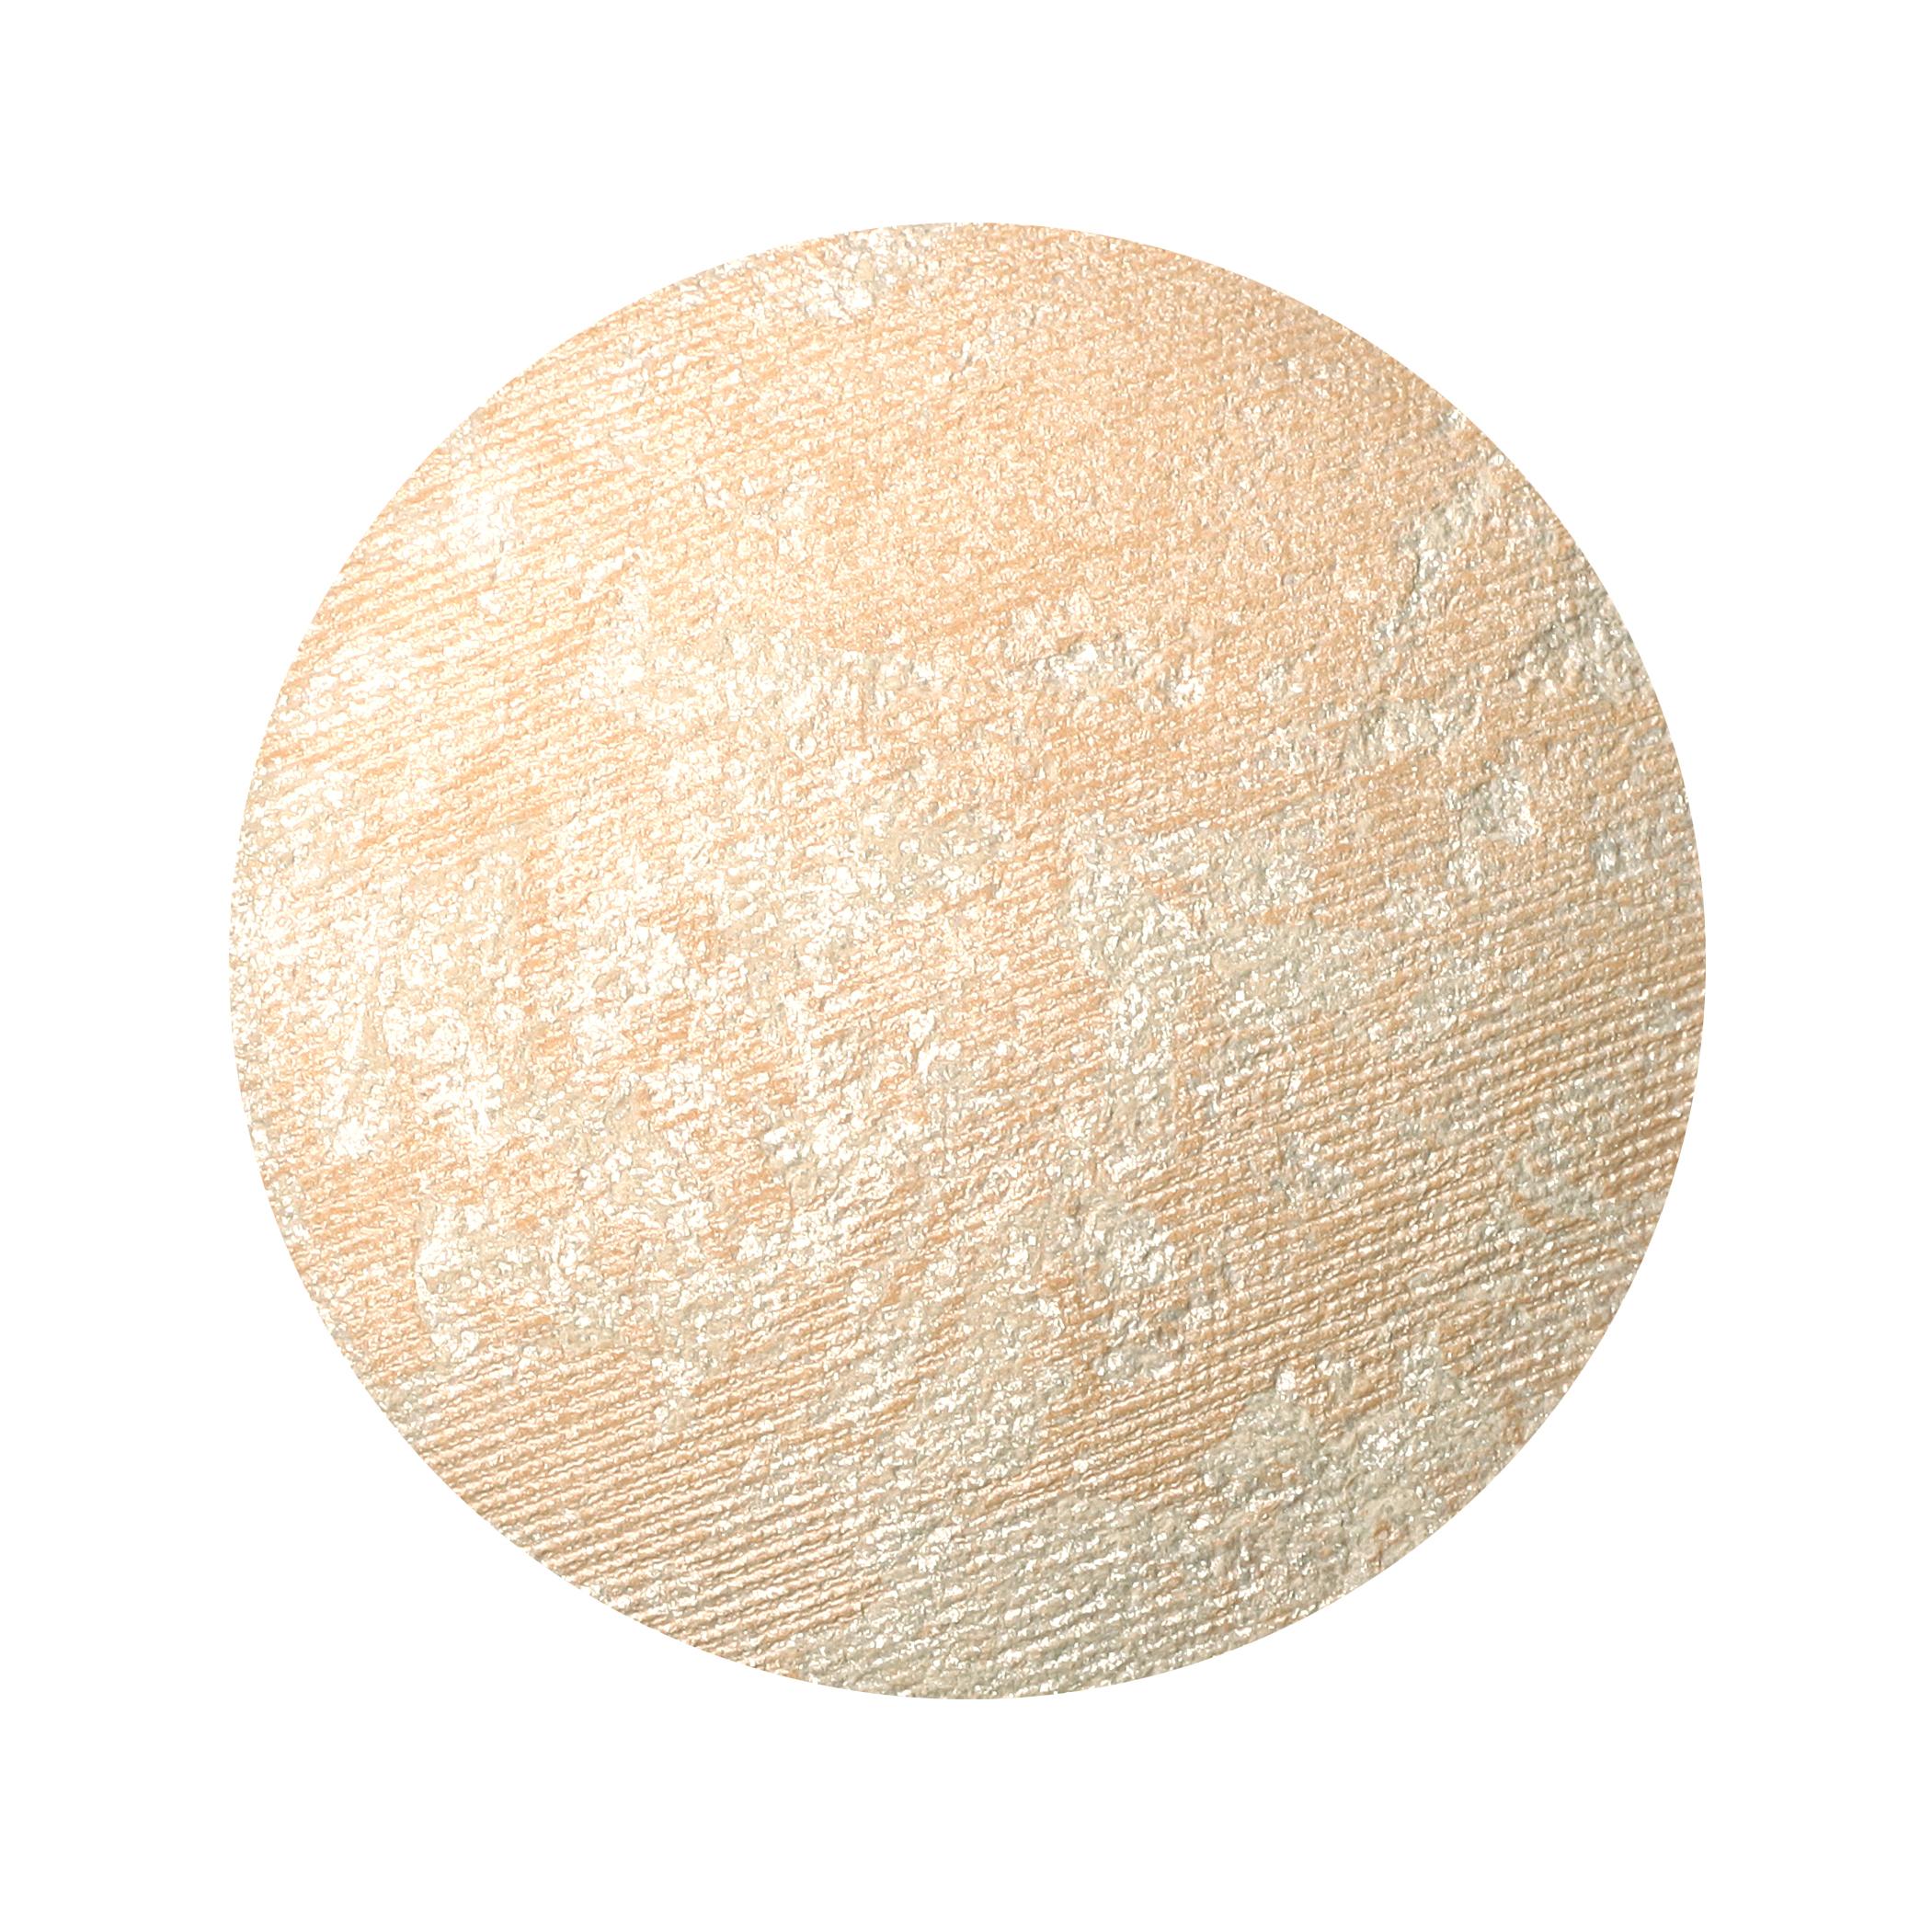 Купить LIMONI Пудра со светящимся эффектом № 01 / Shining Powder 3 г